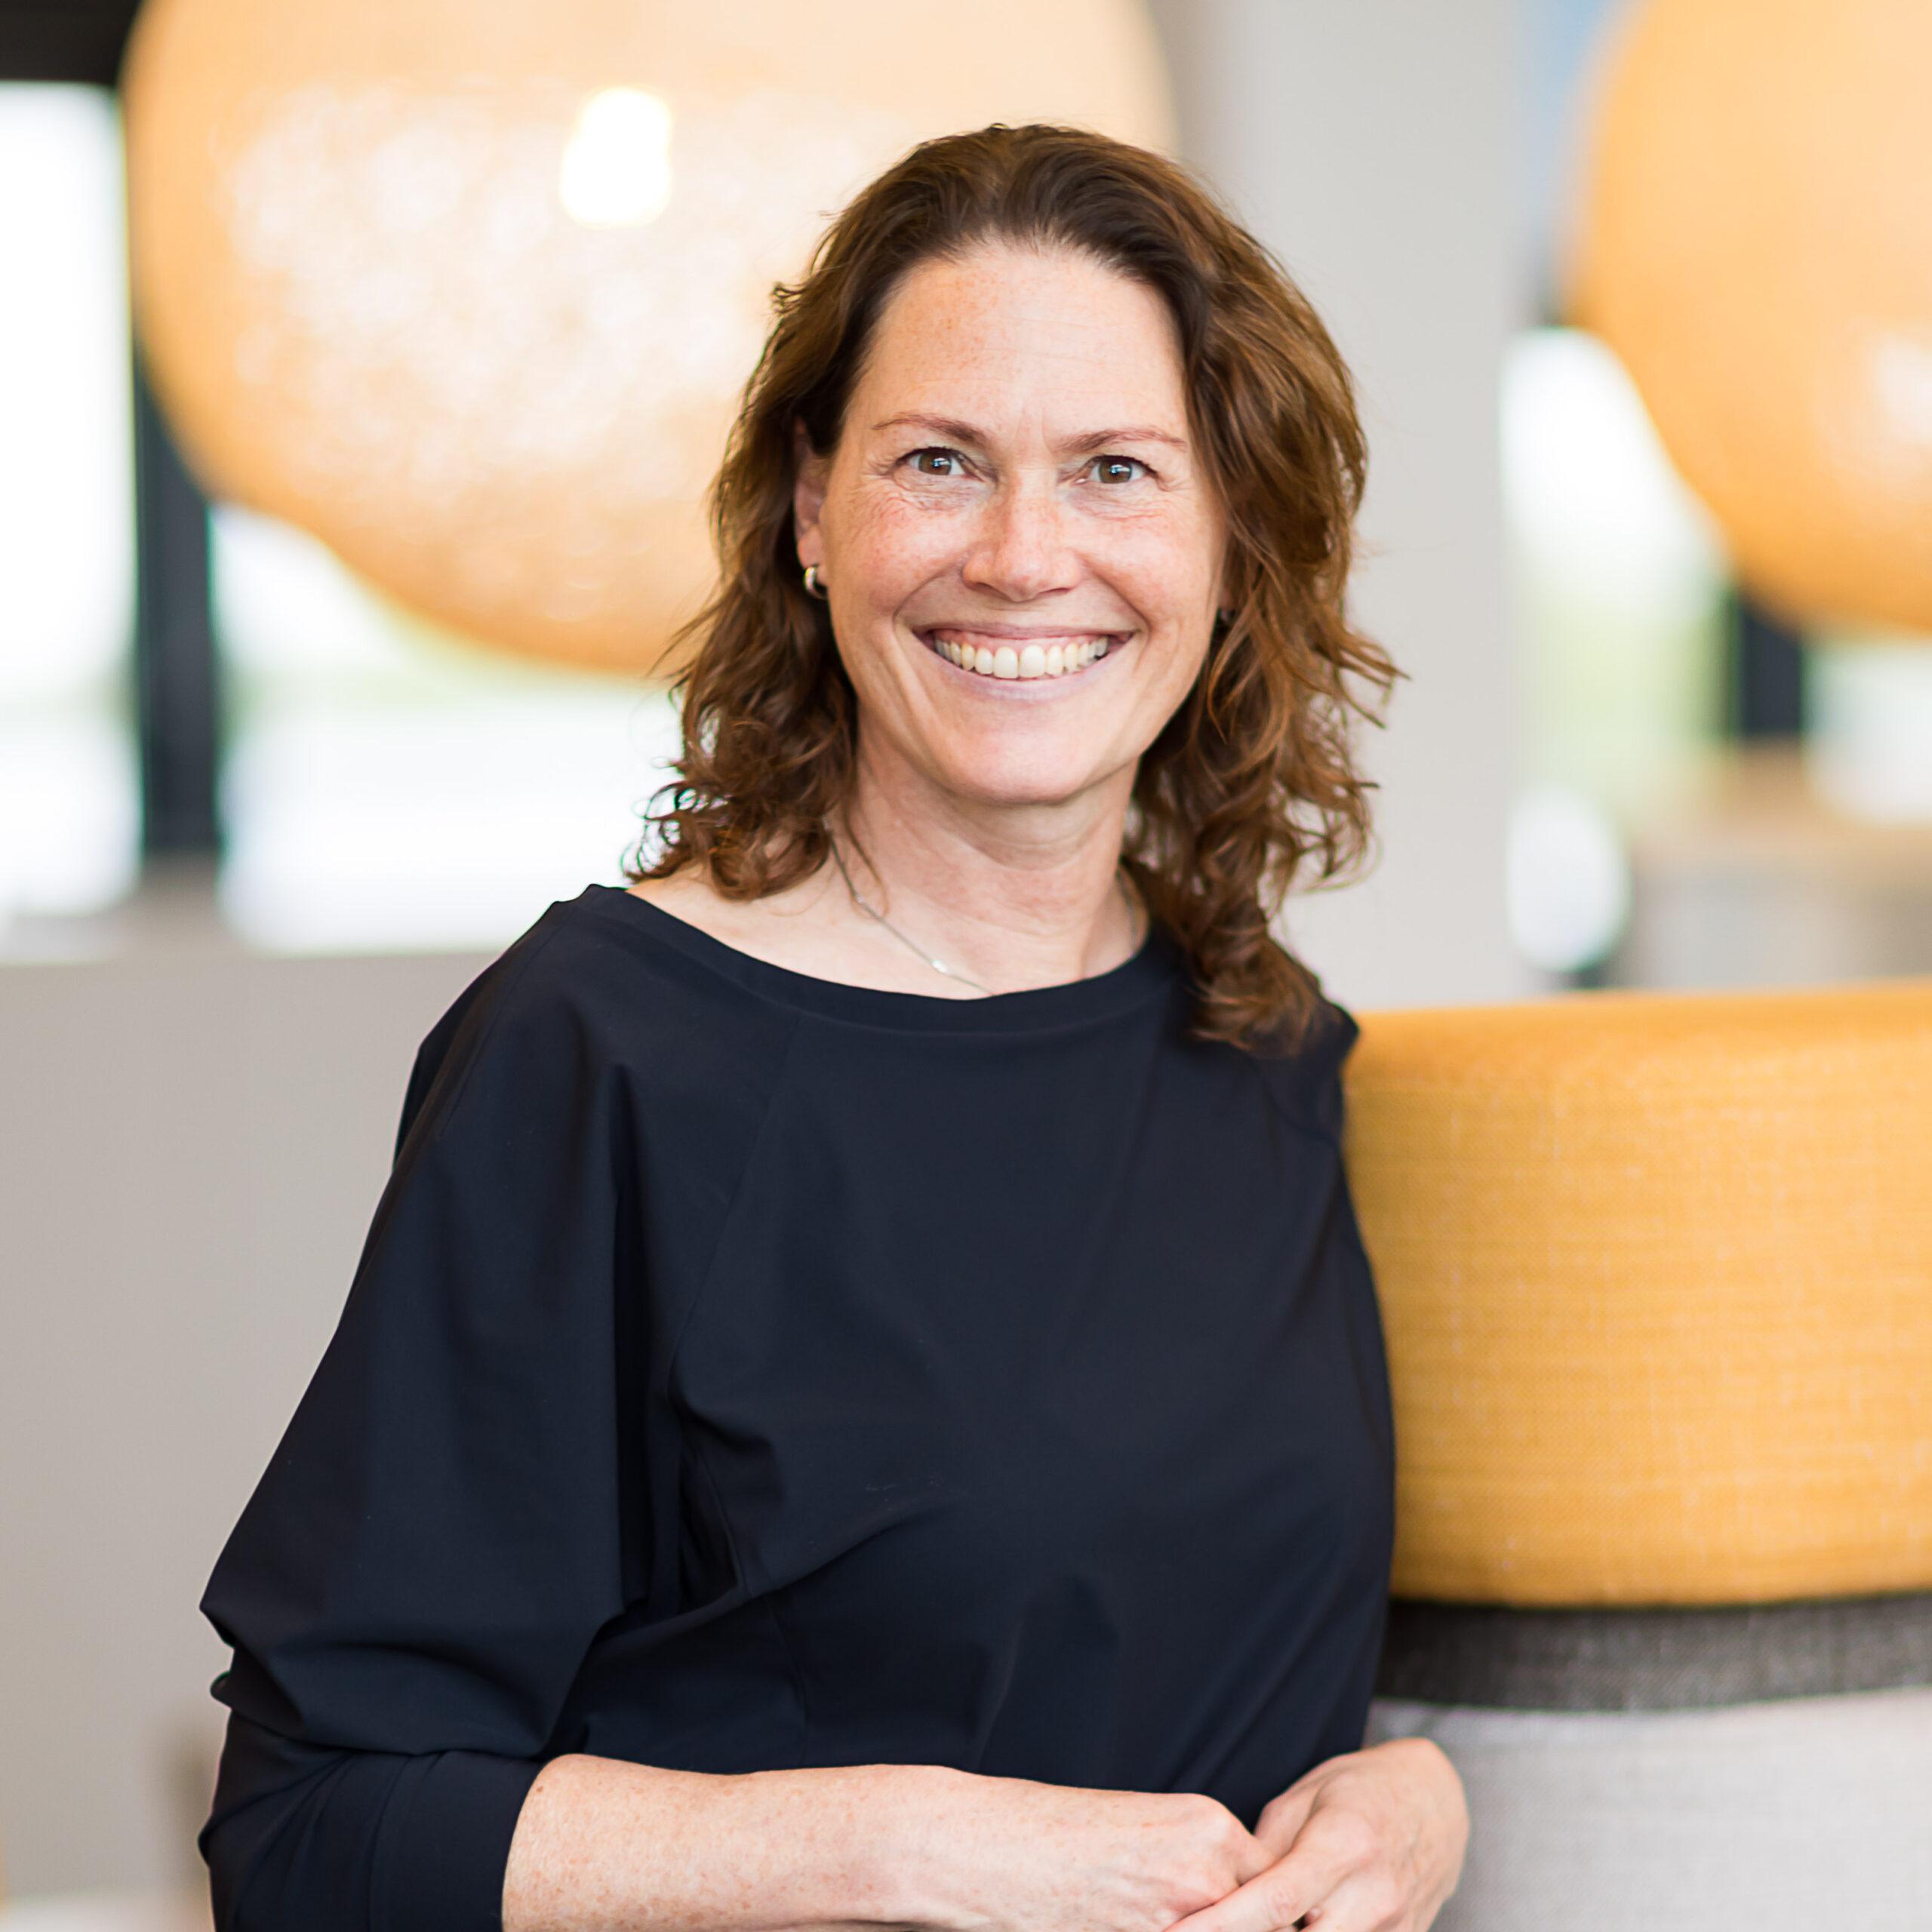 Yvonne de Vos